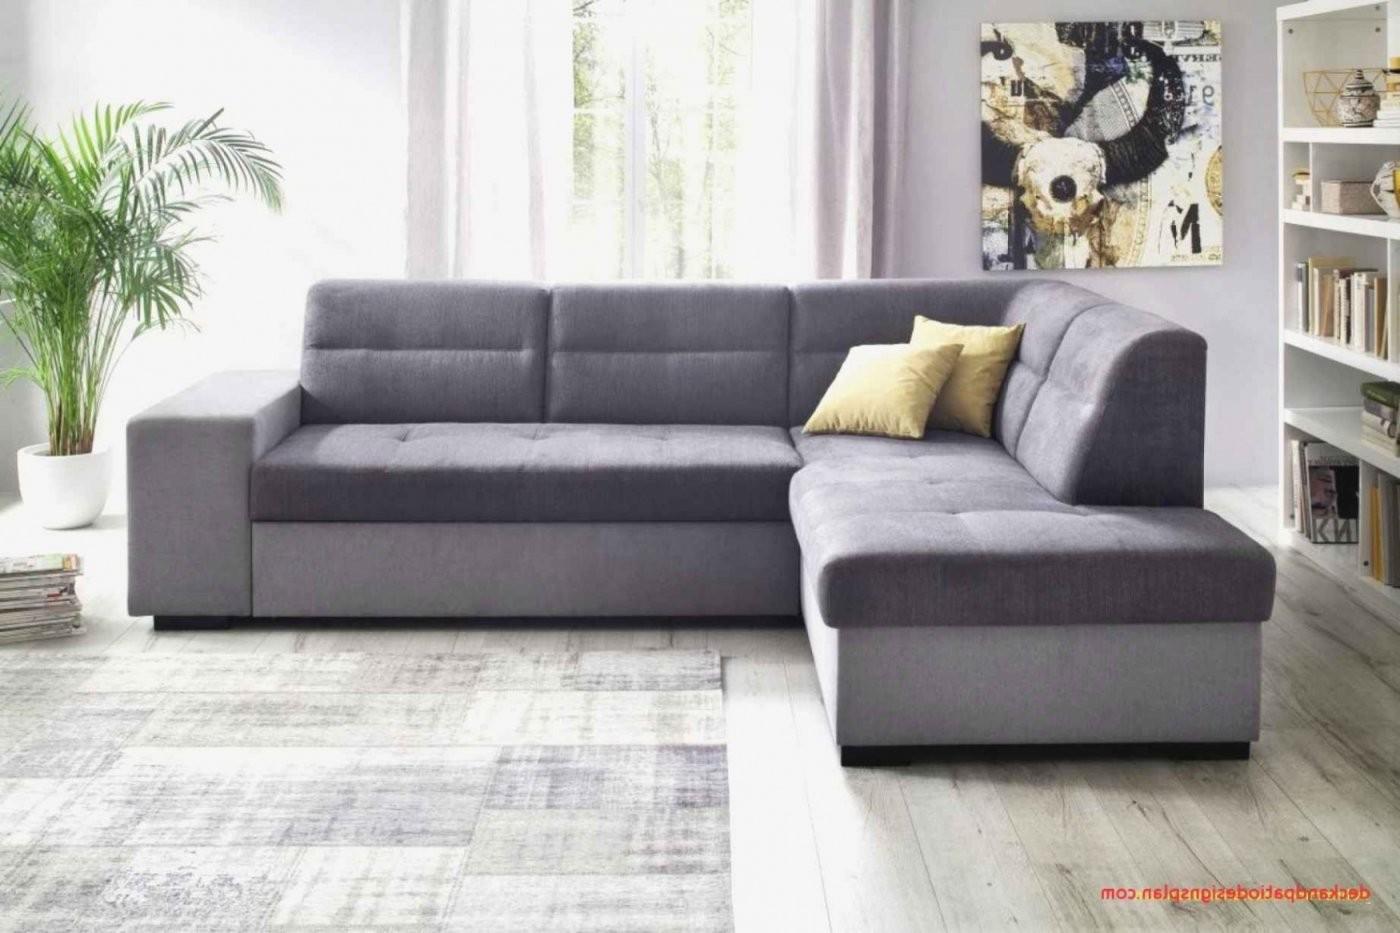 Dunkelgraues Sofa Kombinieren — Temobardz Home Blog von Anthrazit Couch Wohnzimmer Farbe Bild